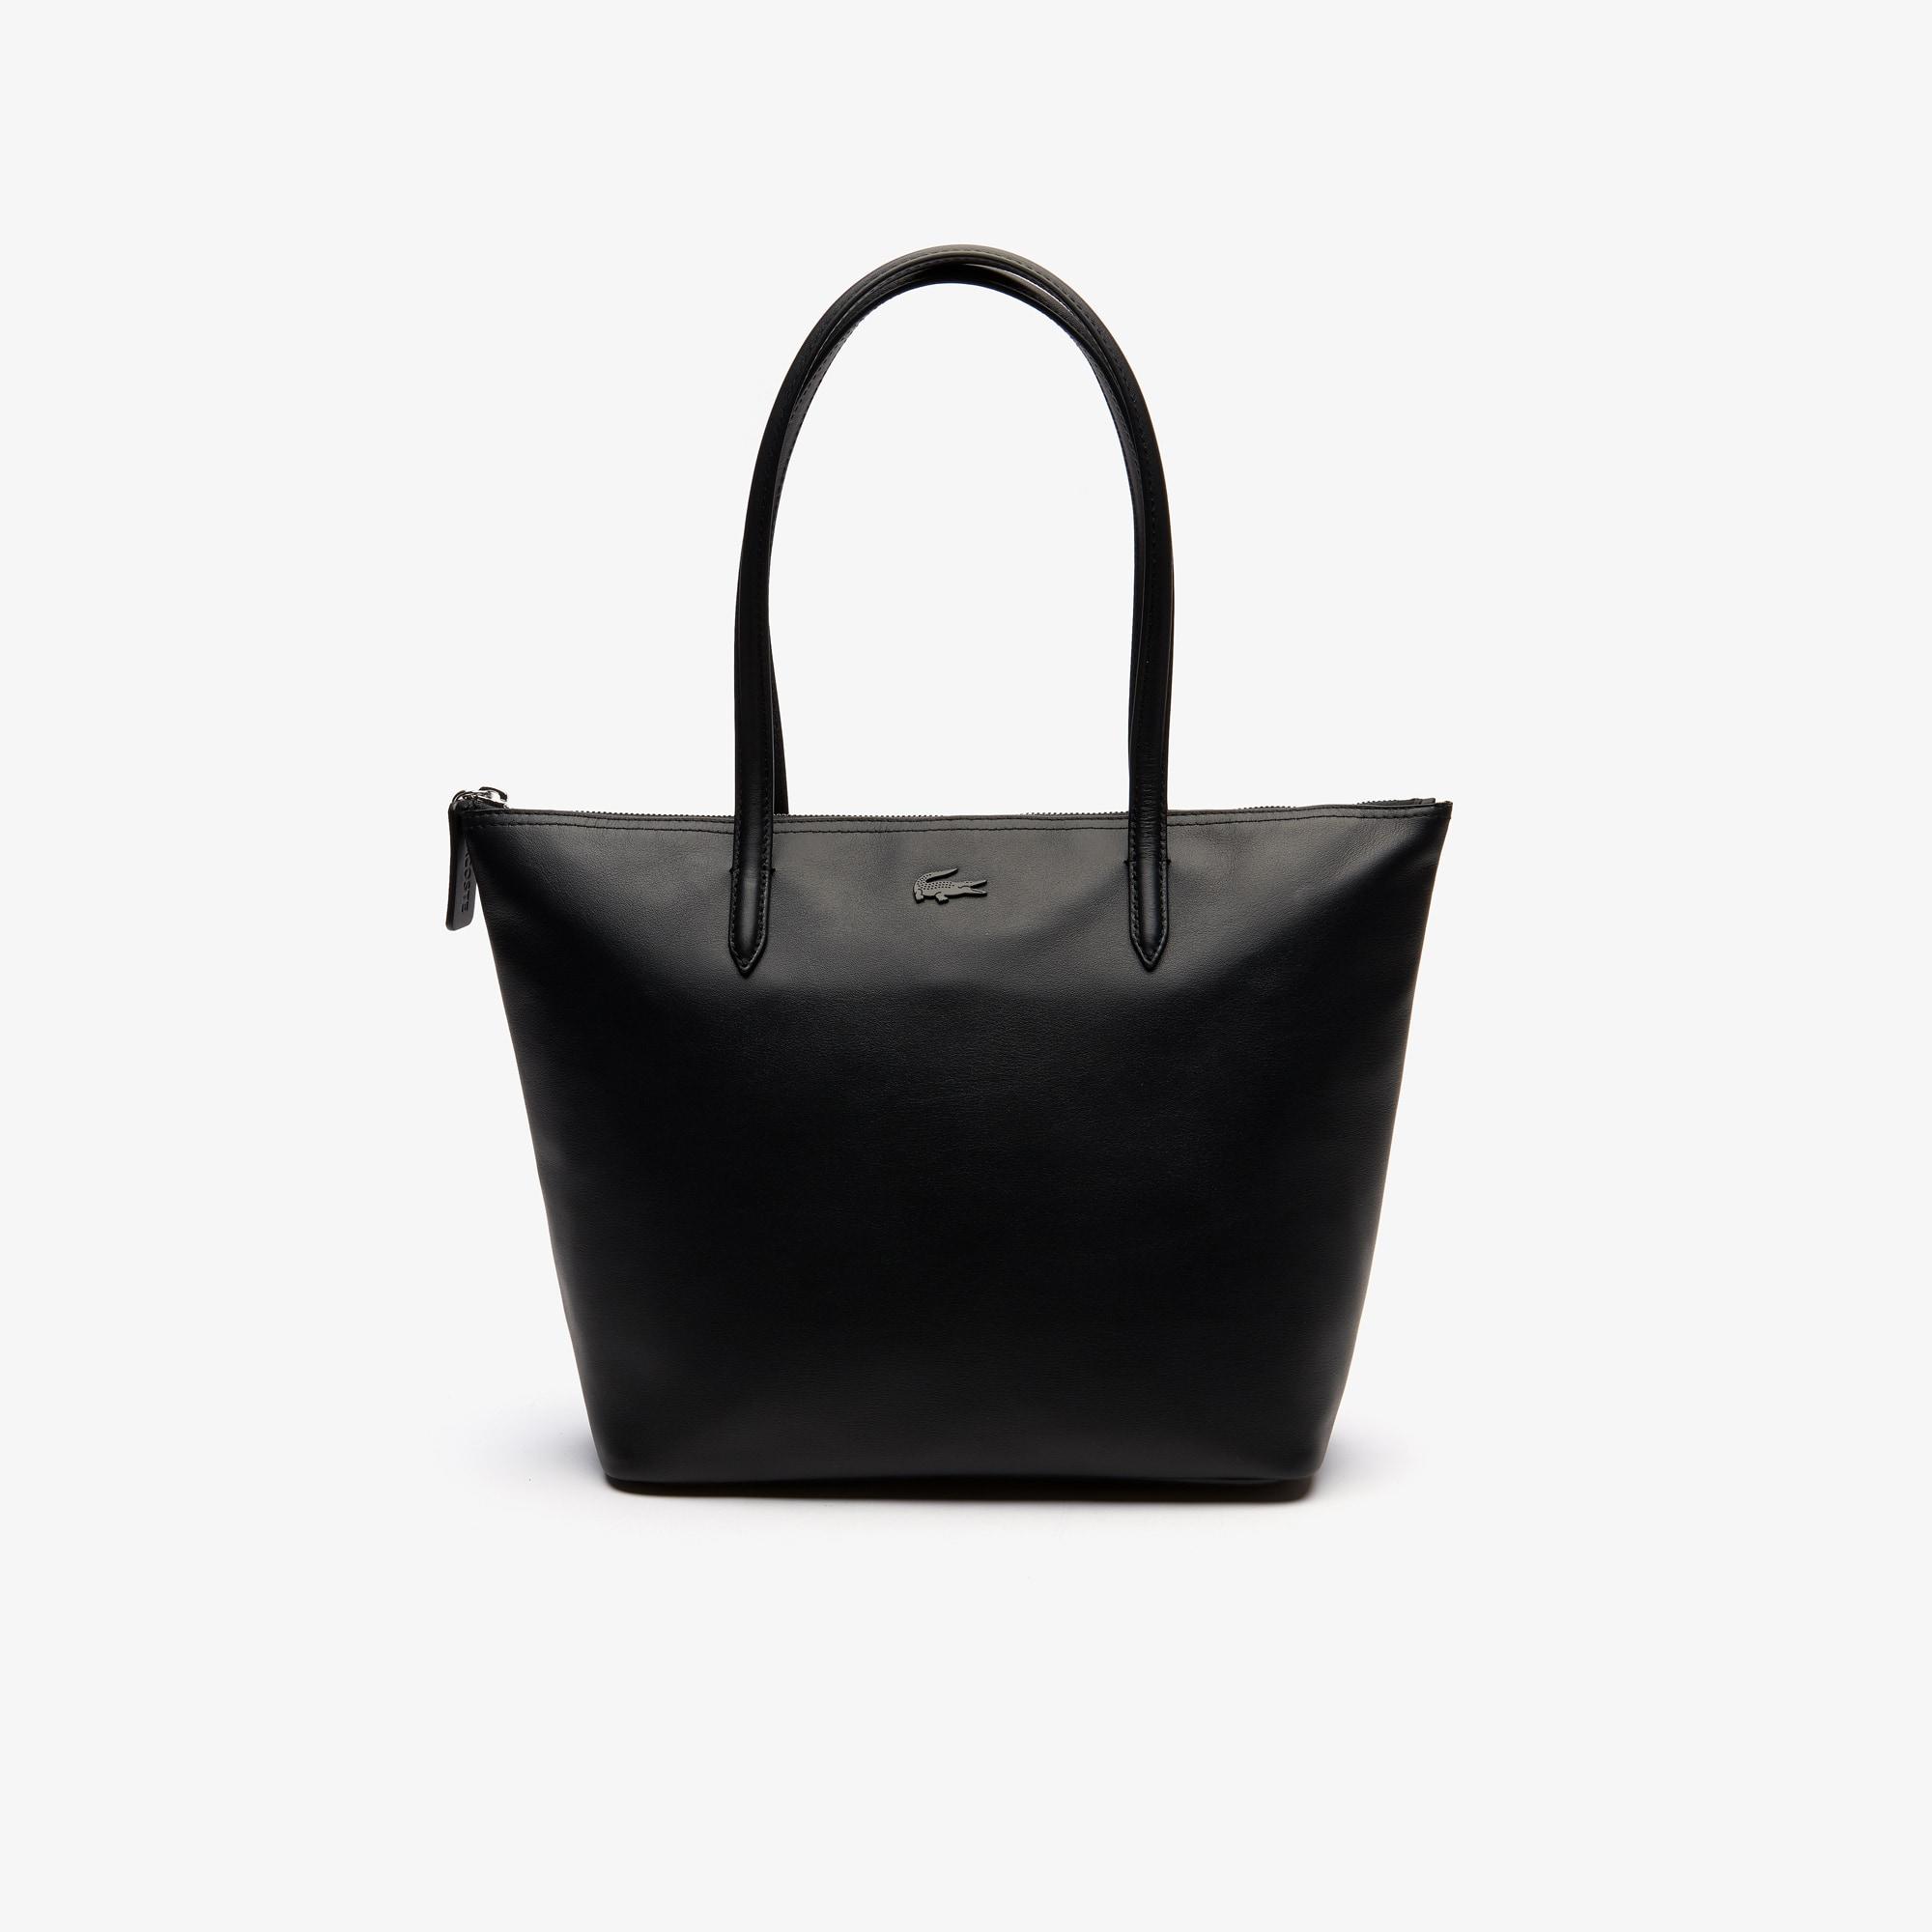 63154c34e6e2 Women's L.12.12 Small Leather Tote Bag